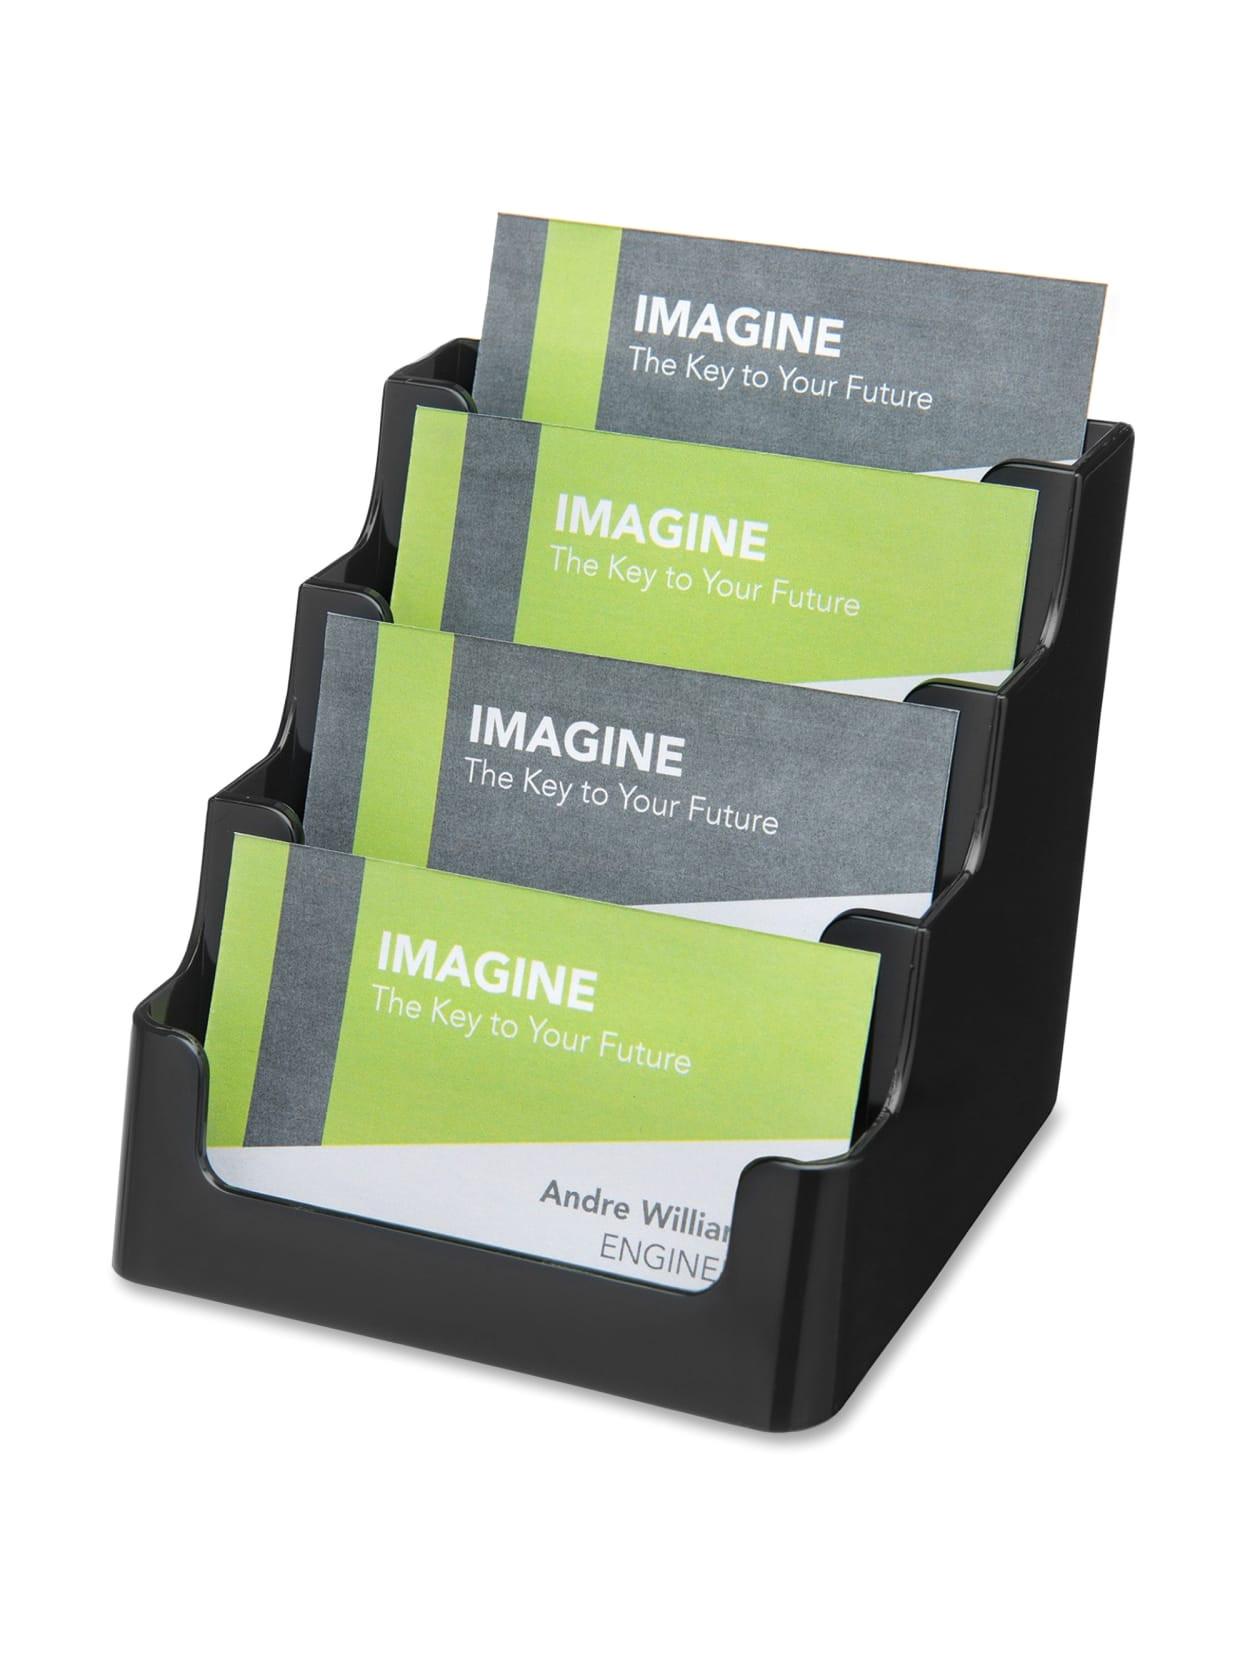 Modern Desktop Business Card Holder Deflecto 4 Tier Business Card Holder 3 5 X 3 9 X 4 1 Plastic